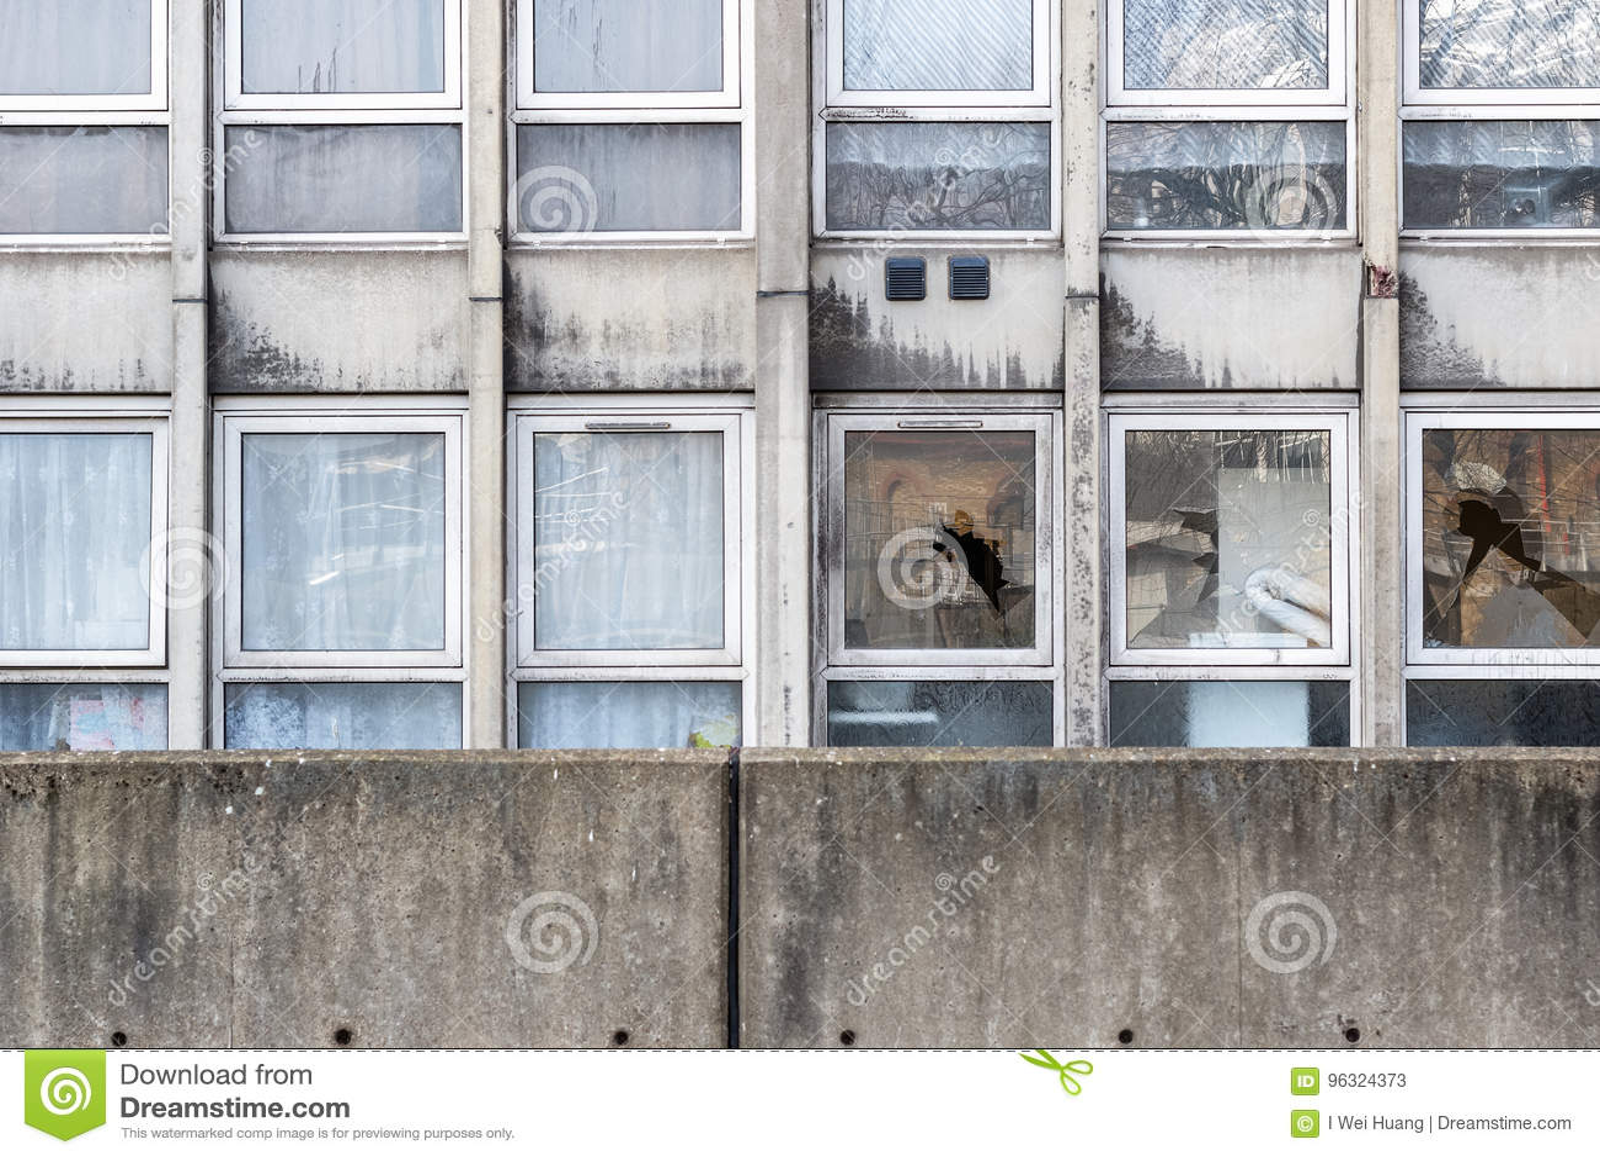 故意破坏,一套被毁坏的理事会公寓住房的被打碎的窗口